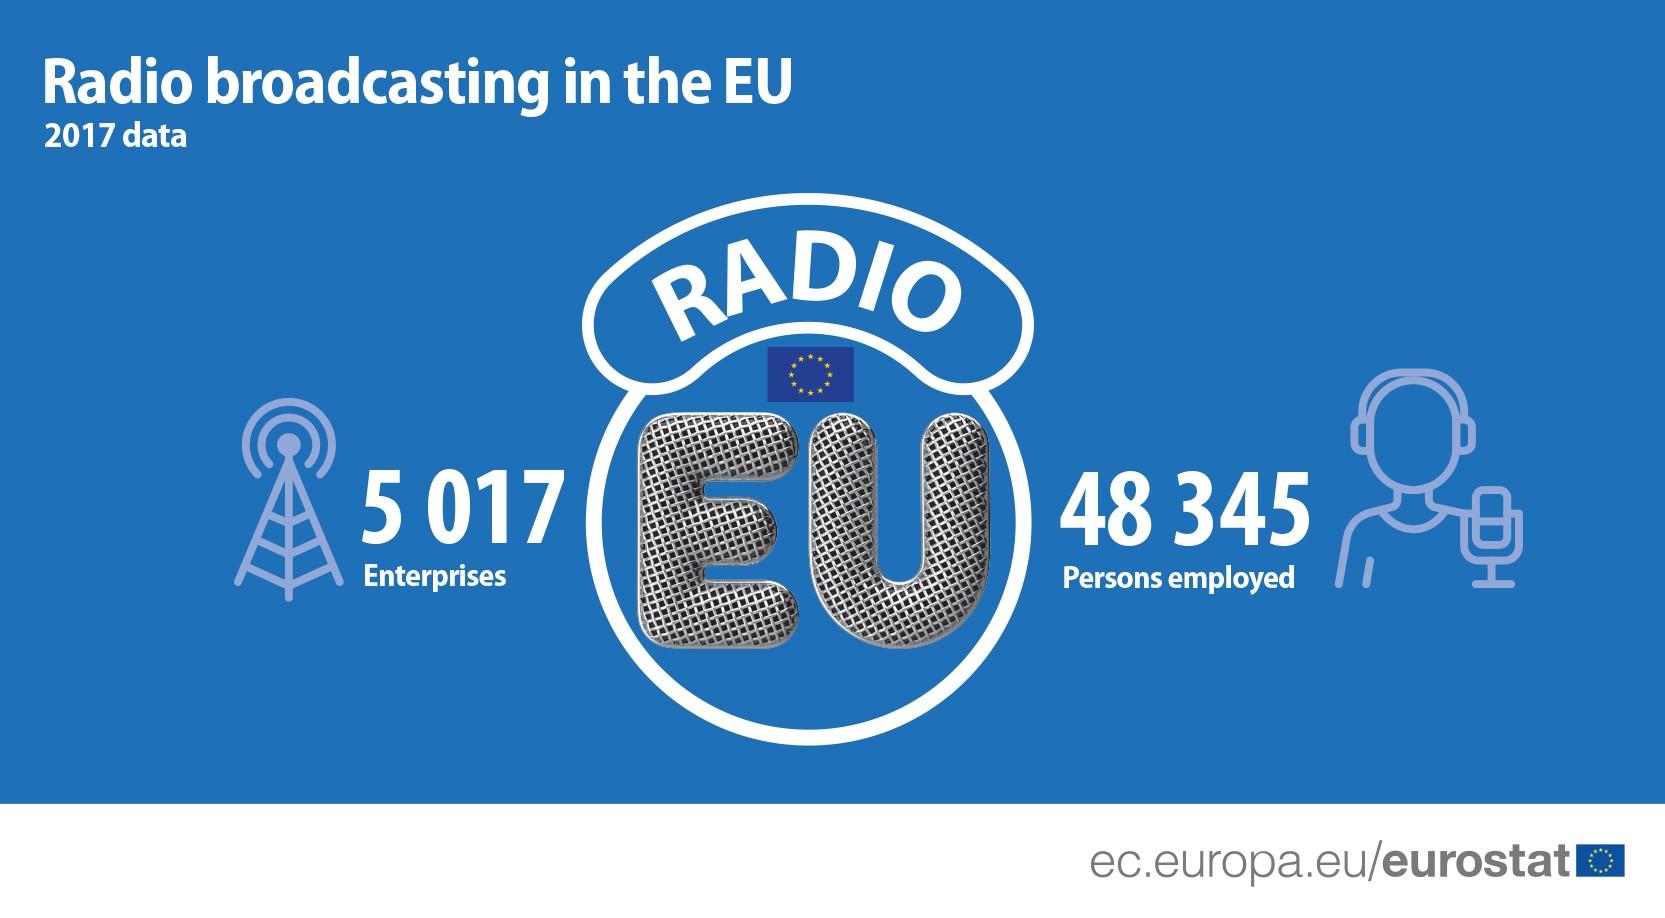 Eurostat Radio broadcasting in the EU - Radio. Eurostat - Commissione Europea: Broadcasting radiofonico in UE in declino. 29% di ricavi e 300 stazioni in meno tra il 2013 ed il 2017